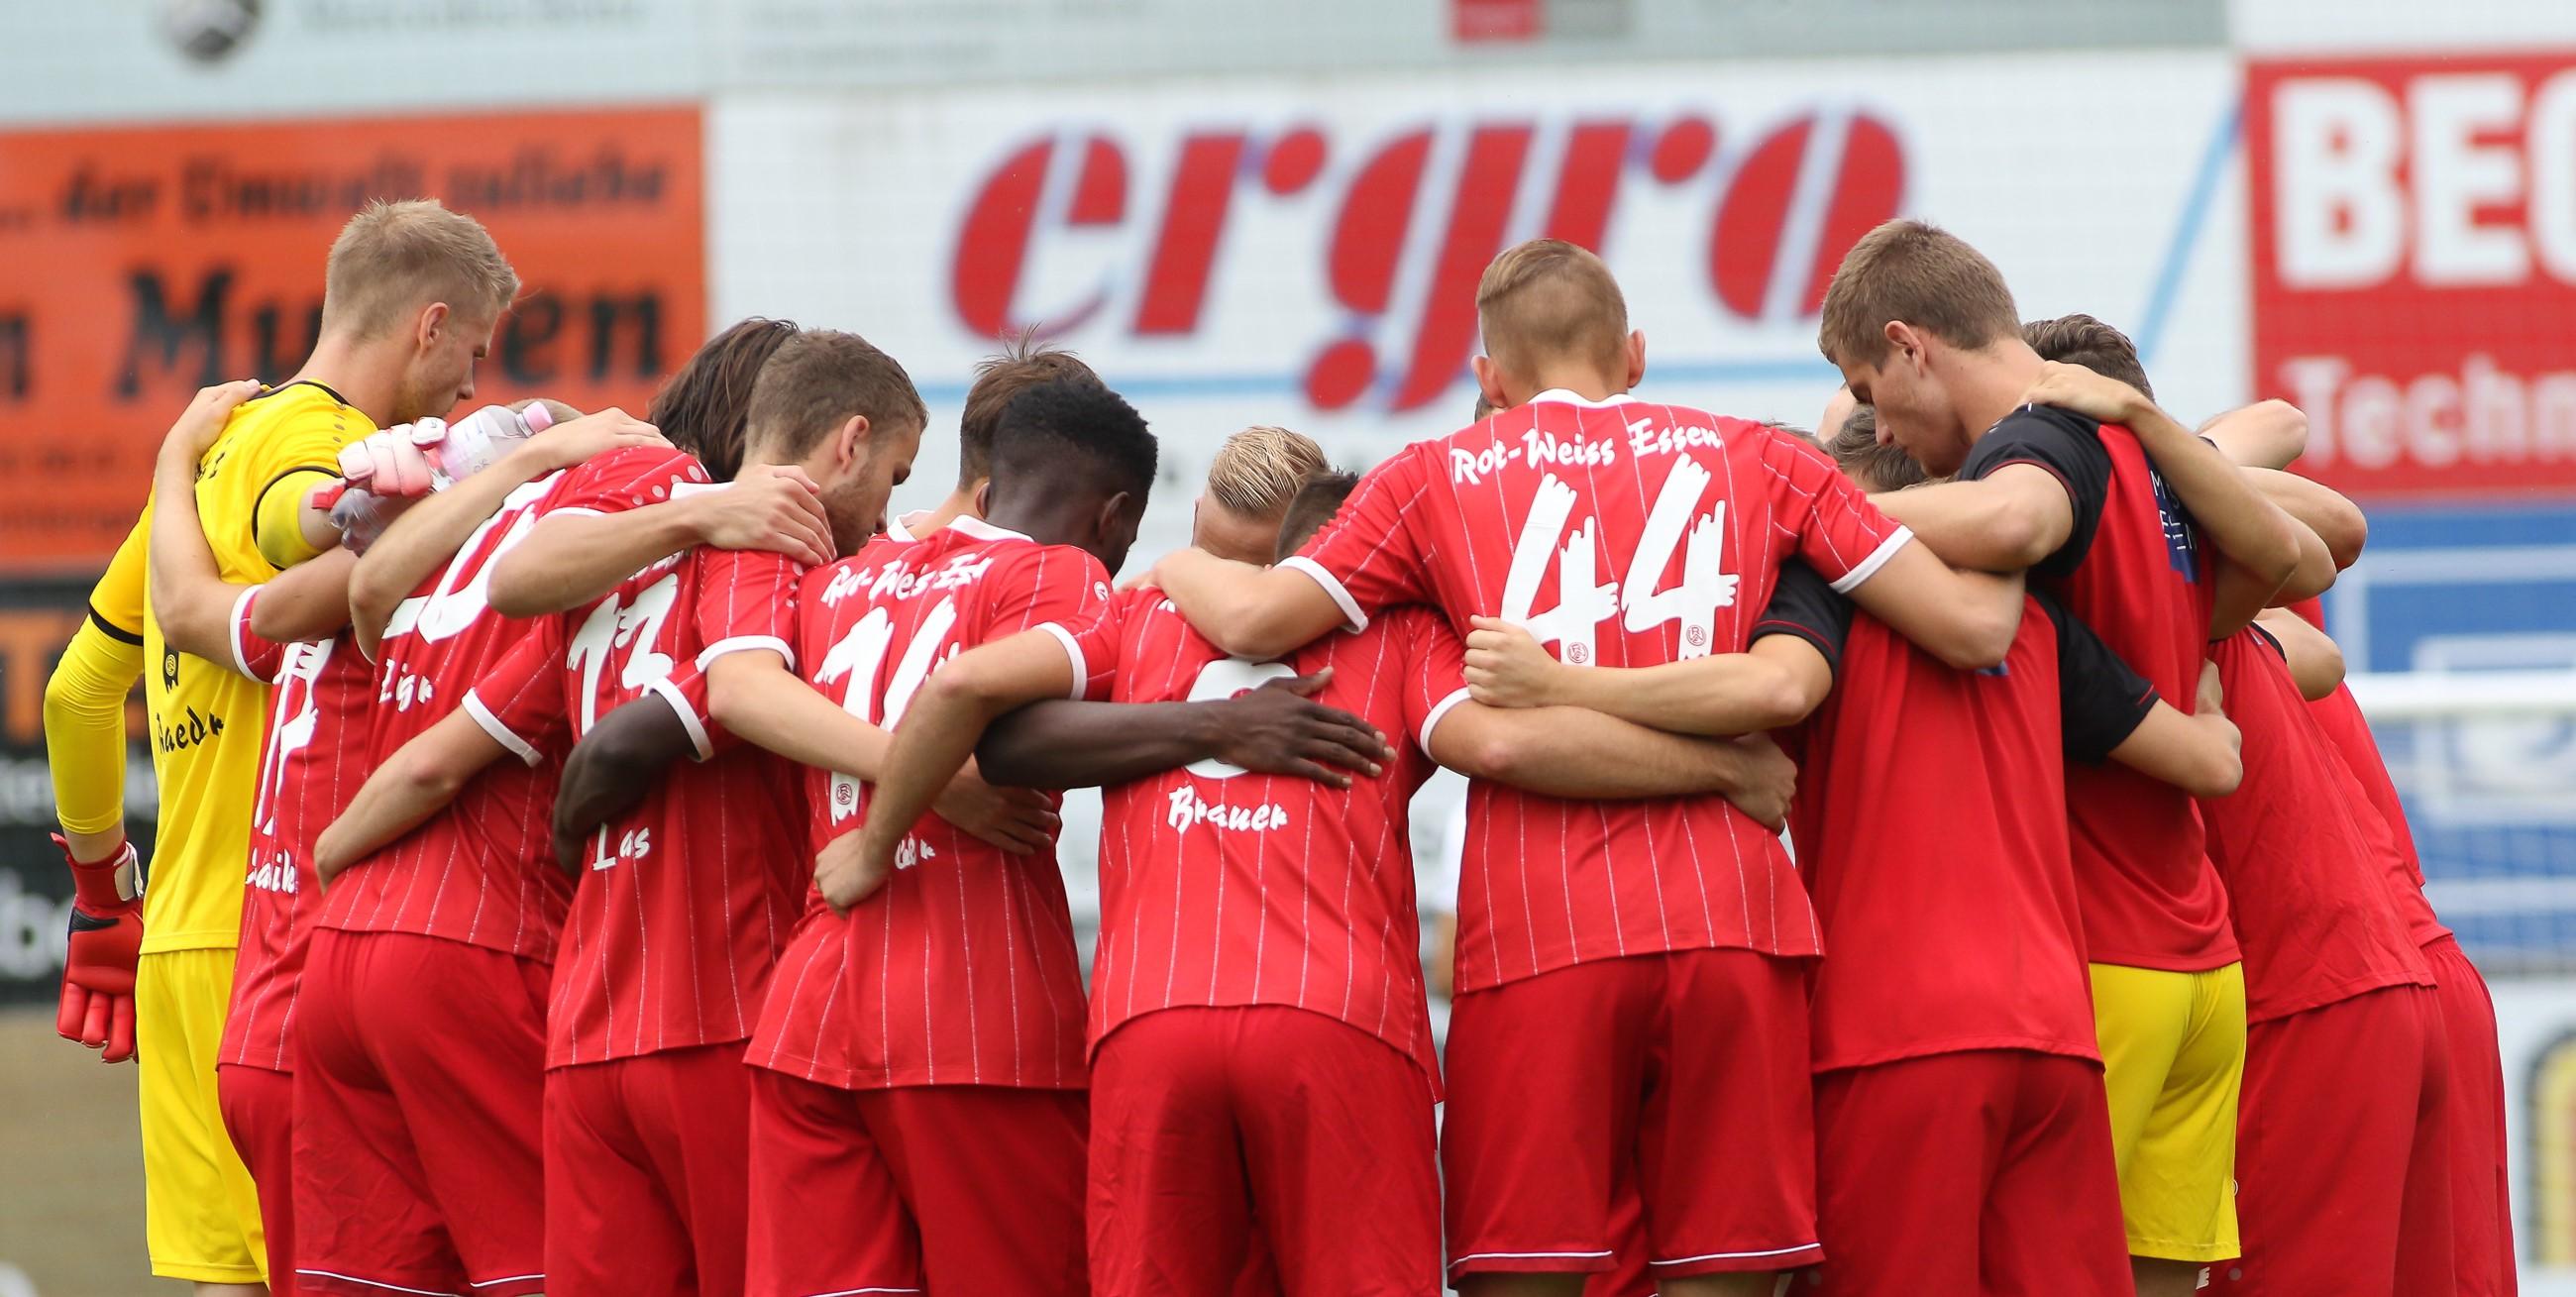 Um 19.00 Uhr treffen die Rot-Weissen auf den SC Verl. (Foto: Endberg)